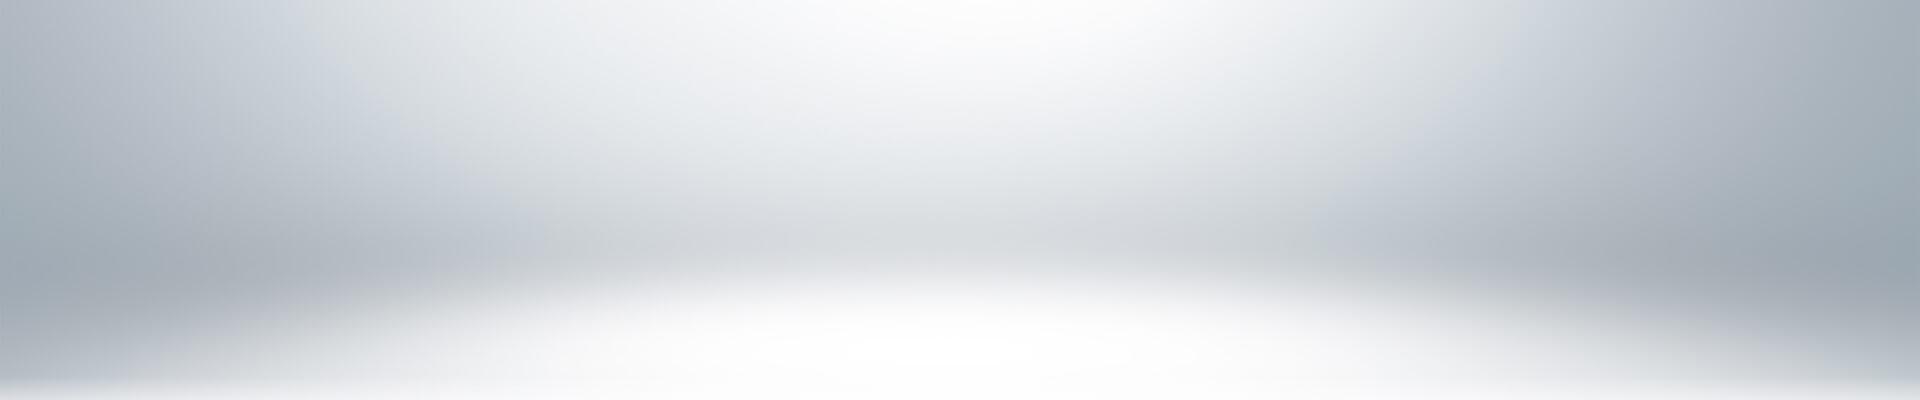 Imagem de fundo Slide Sygma Sistemas